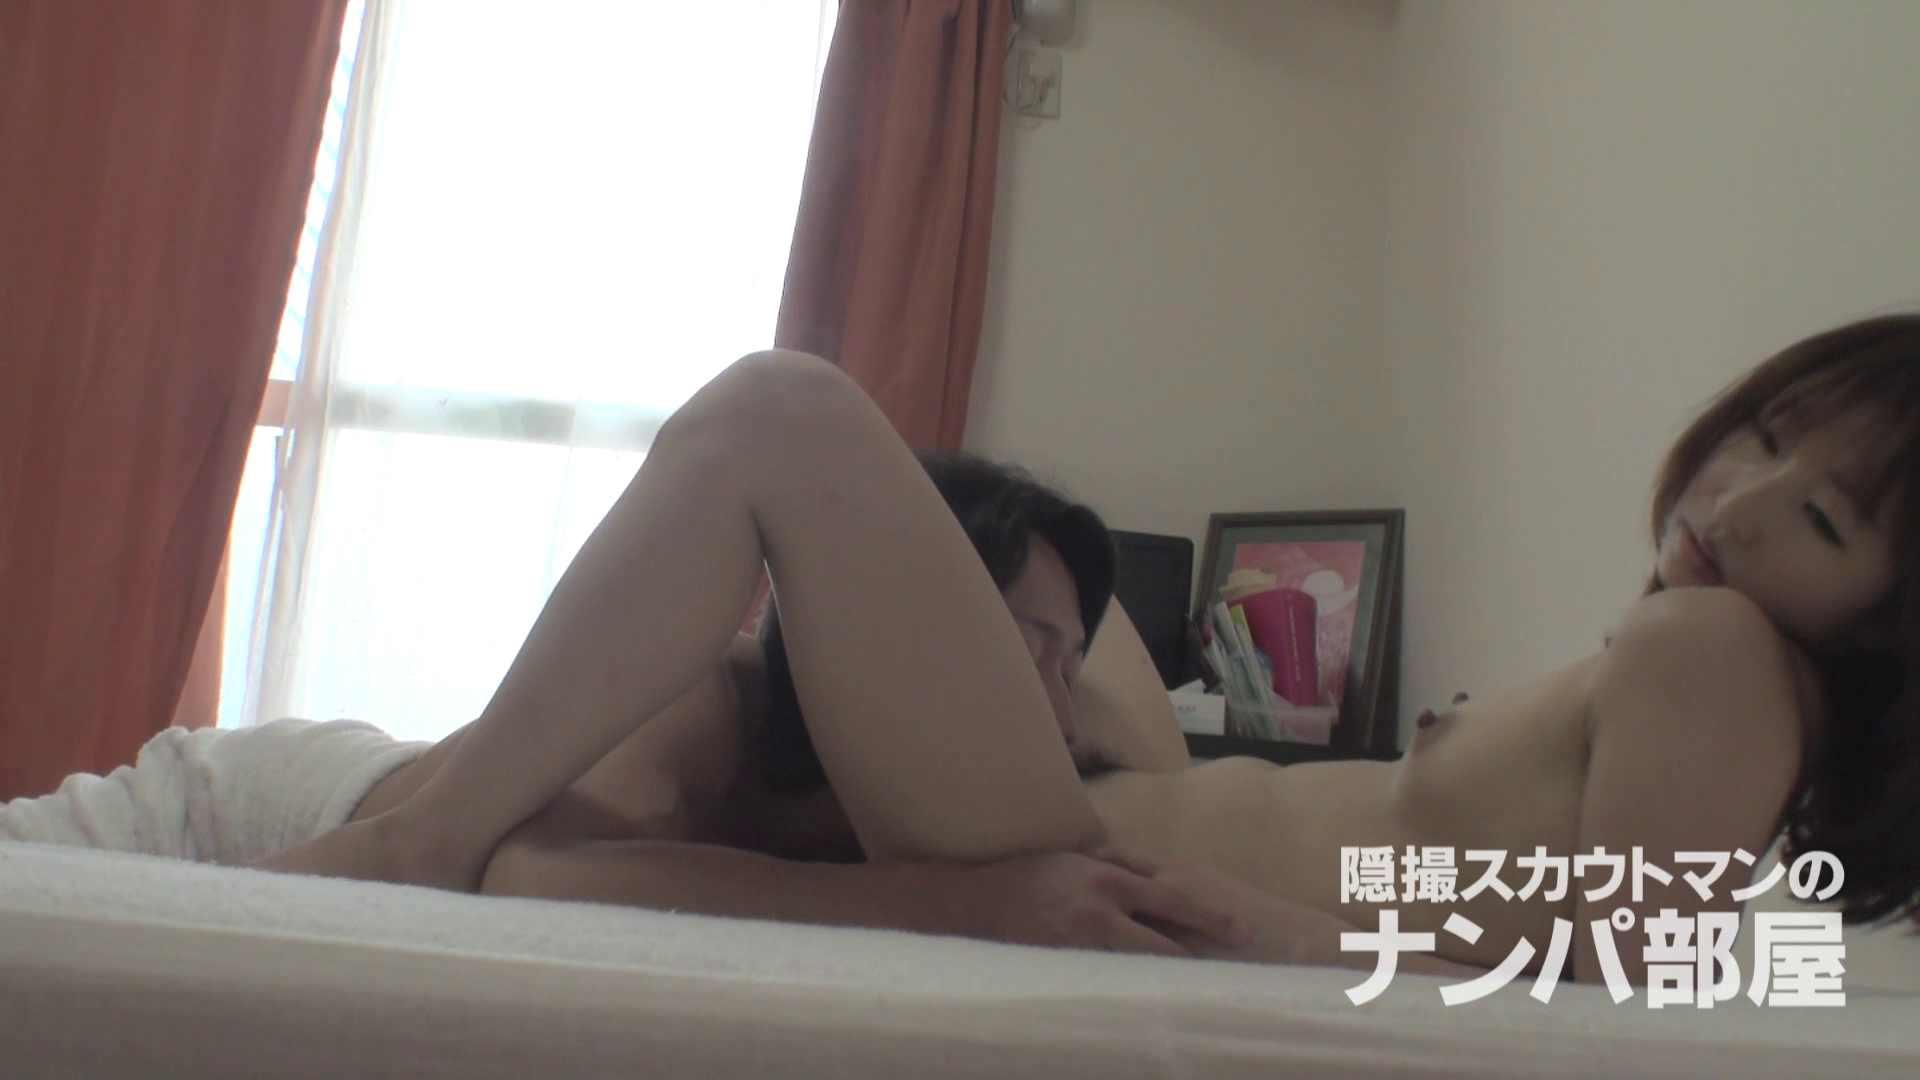 隠撮スカウトマンのナンパ部屋~風俗デビュー前のつまみ食い~ sii 隠撮  98pic 87